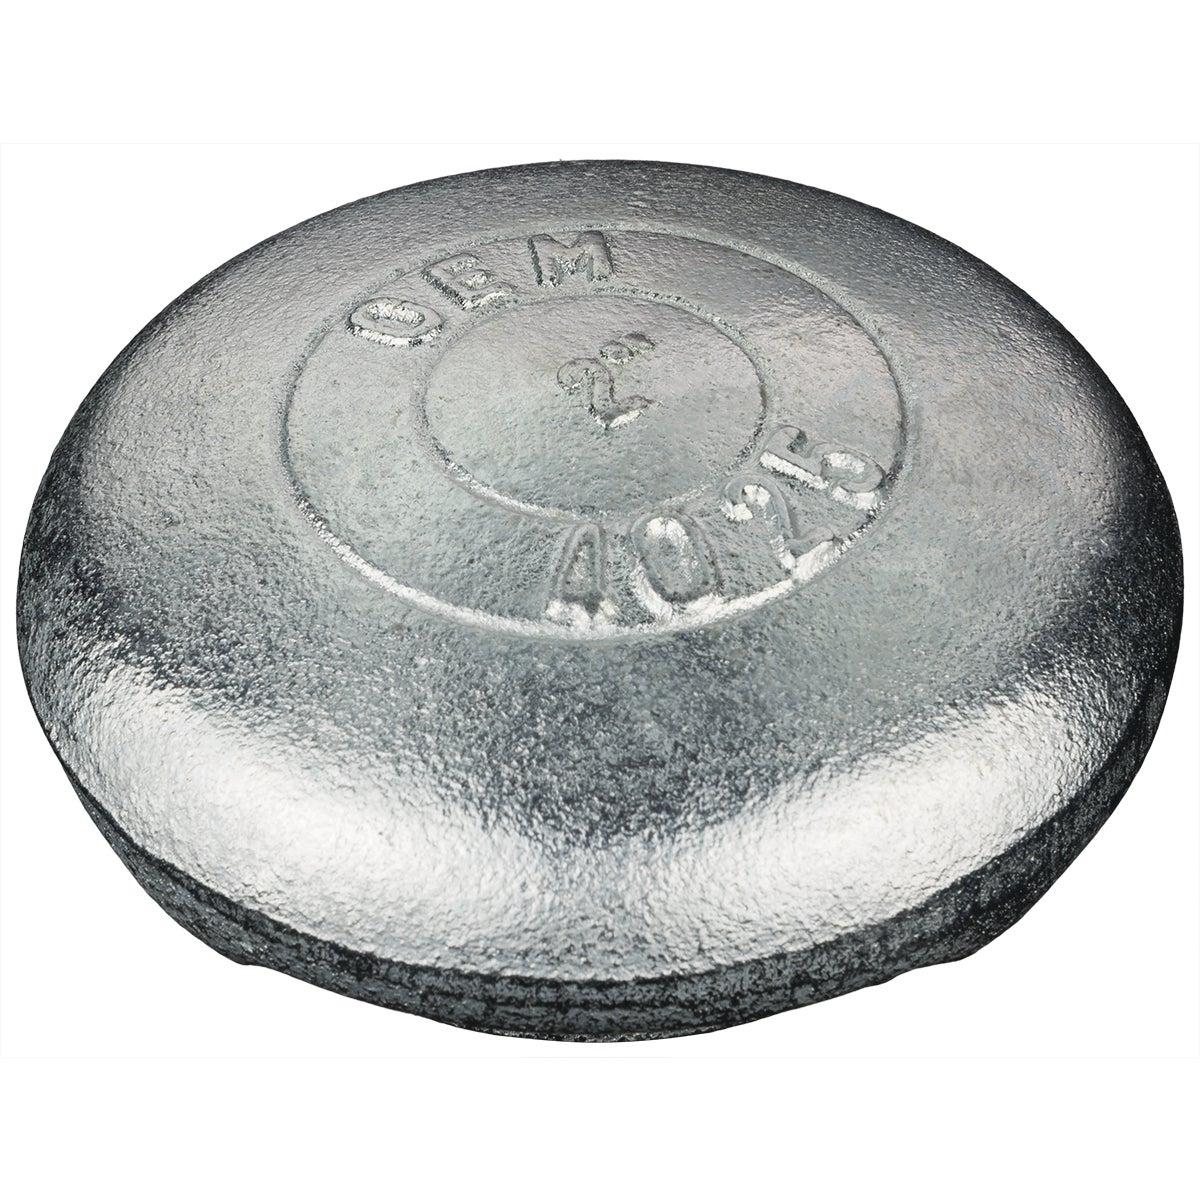 2 MSHRM OIL TNK VENT CAP - DIB464161 by Rheem